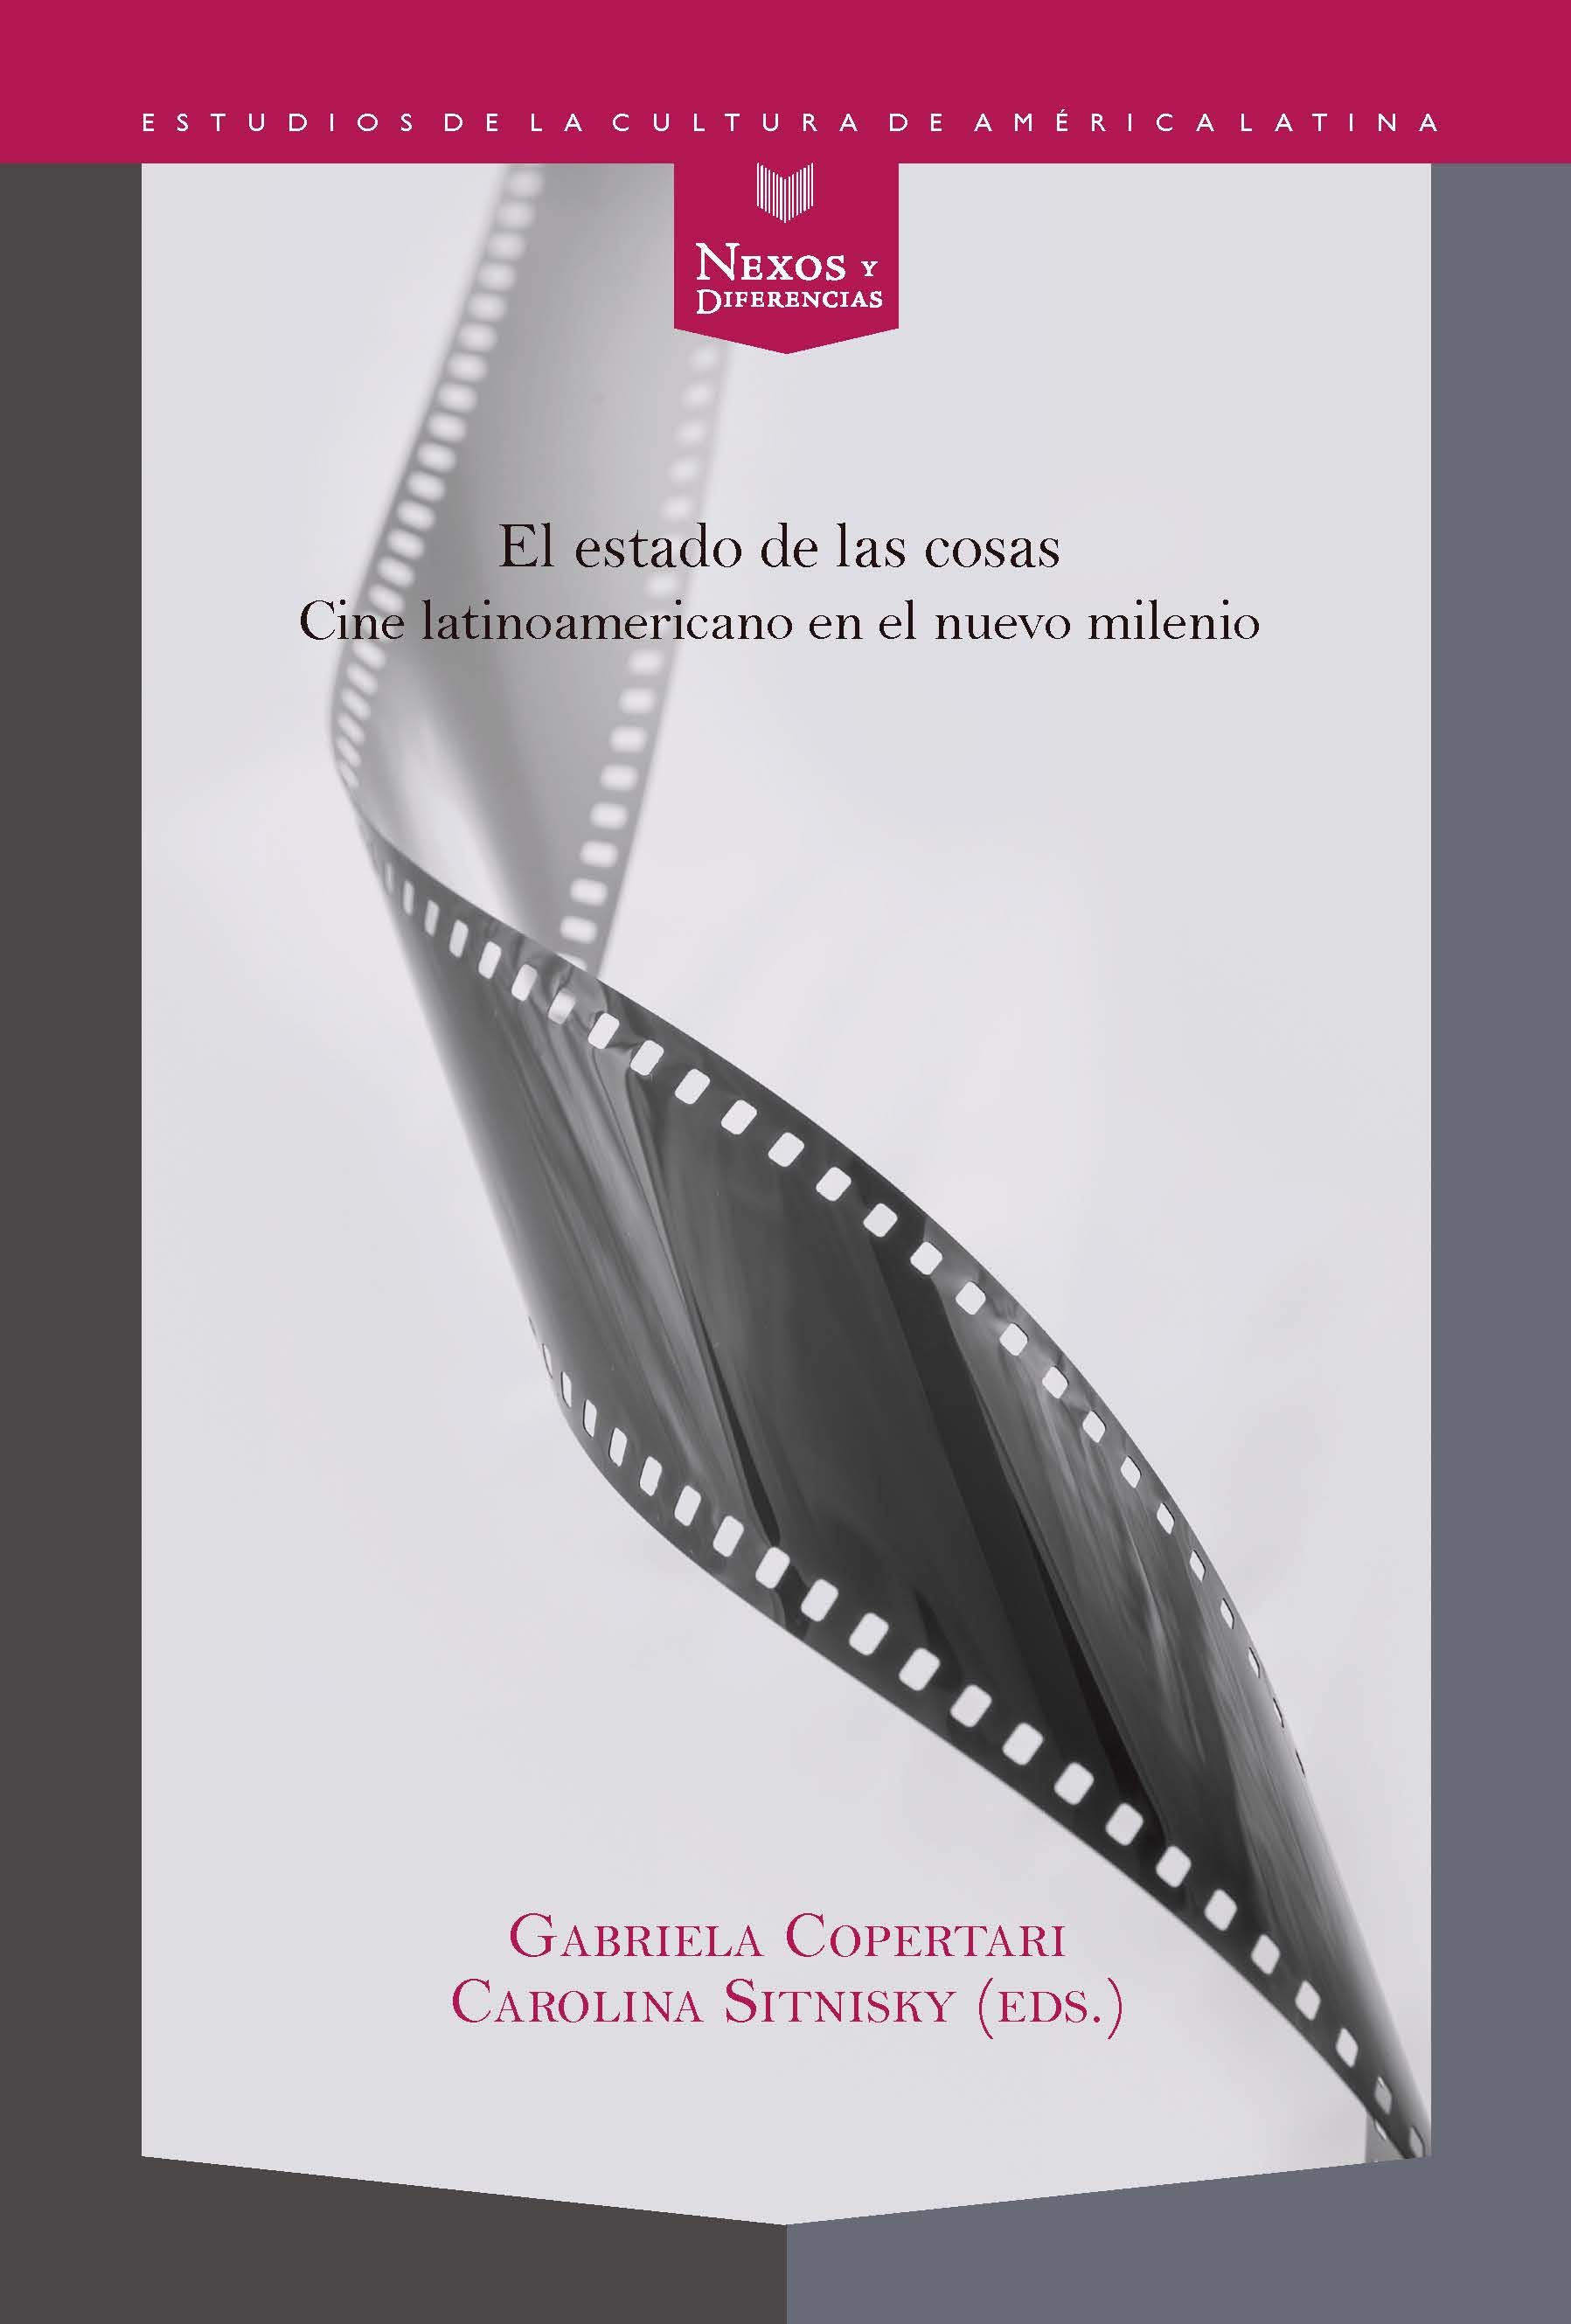 El Estado De Las Cosas: Cine Latinoamericano En El Nuevo Milenio - Copertari Gabriela (ed.)